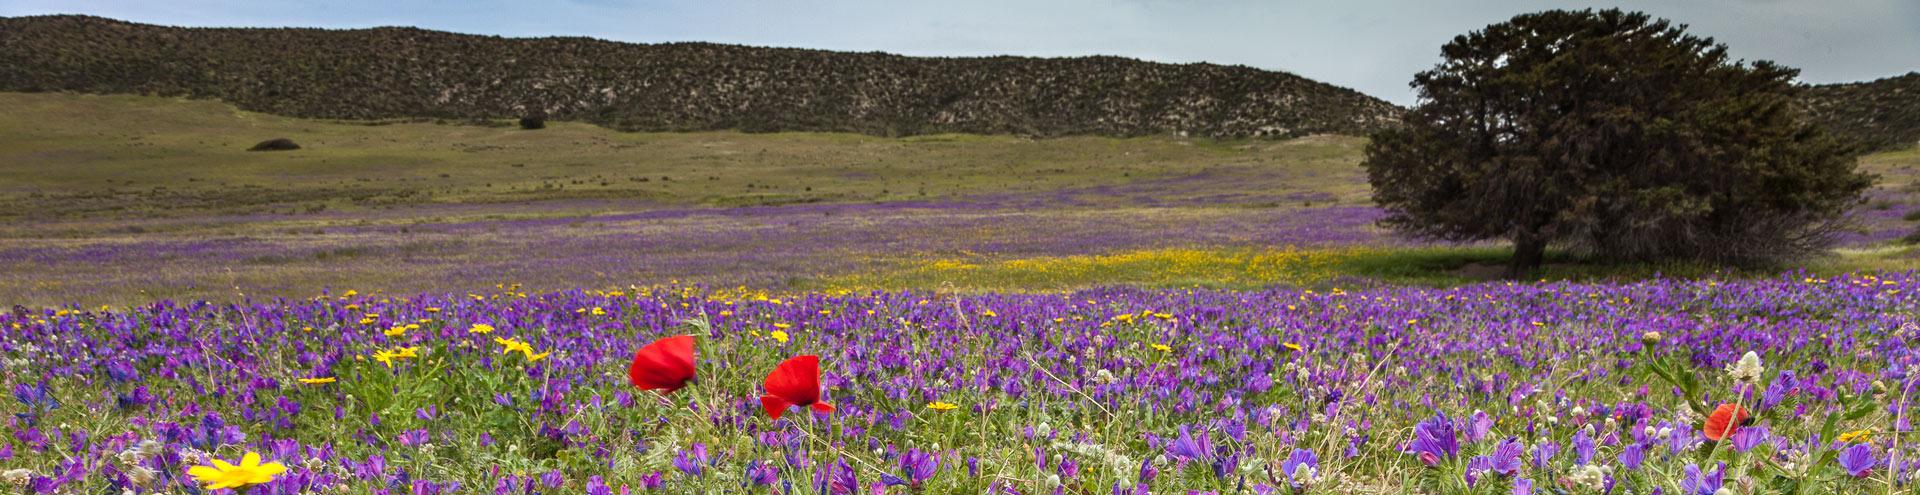 Frühling im Tsingrado-Krater